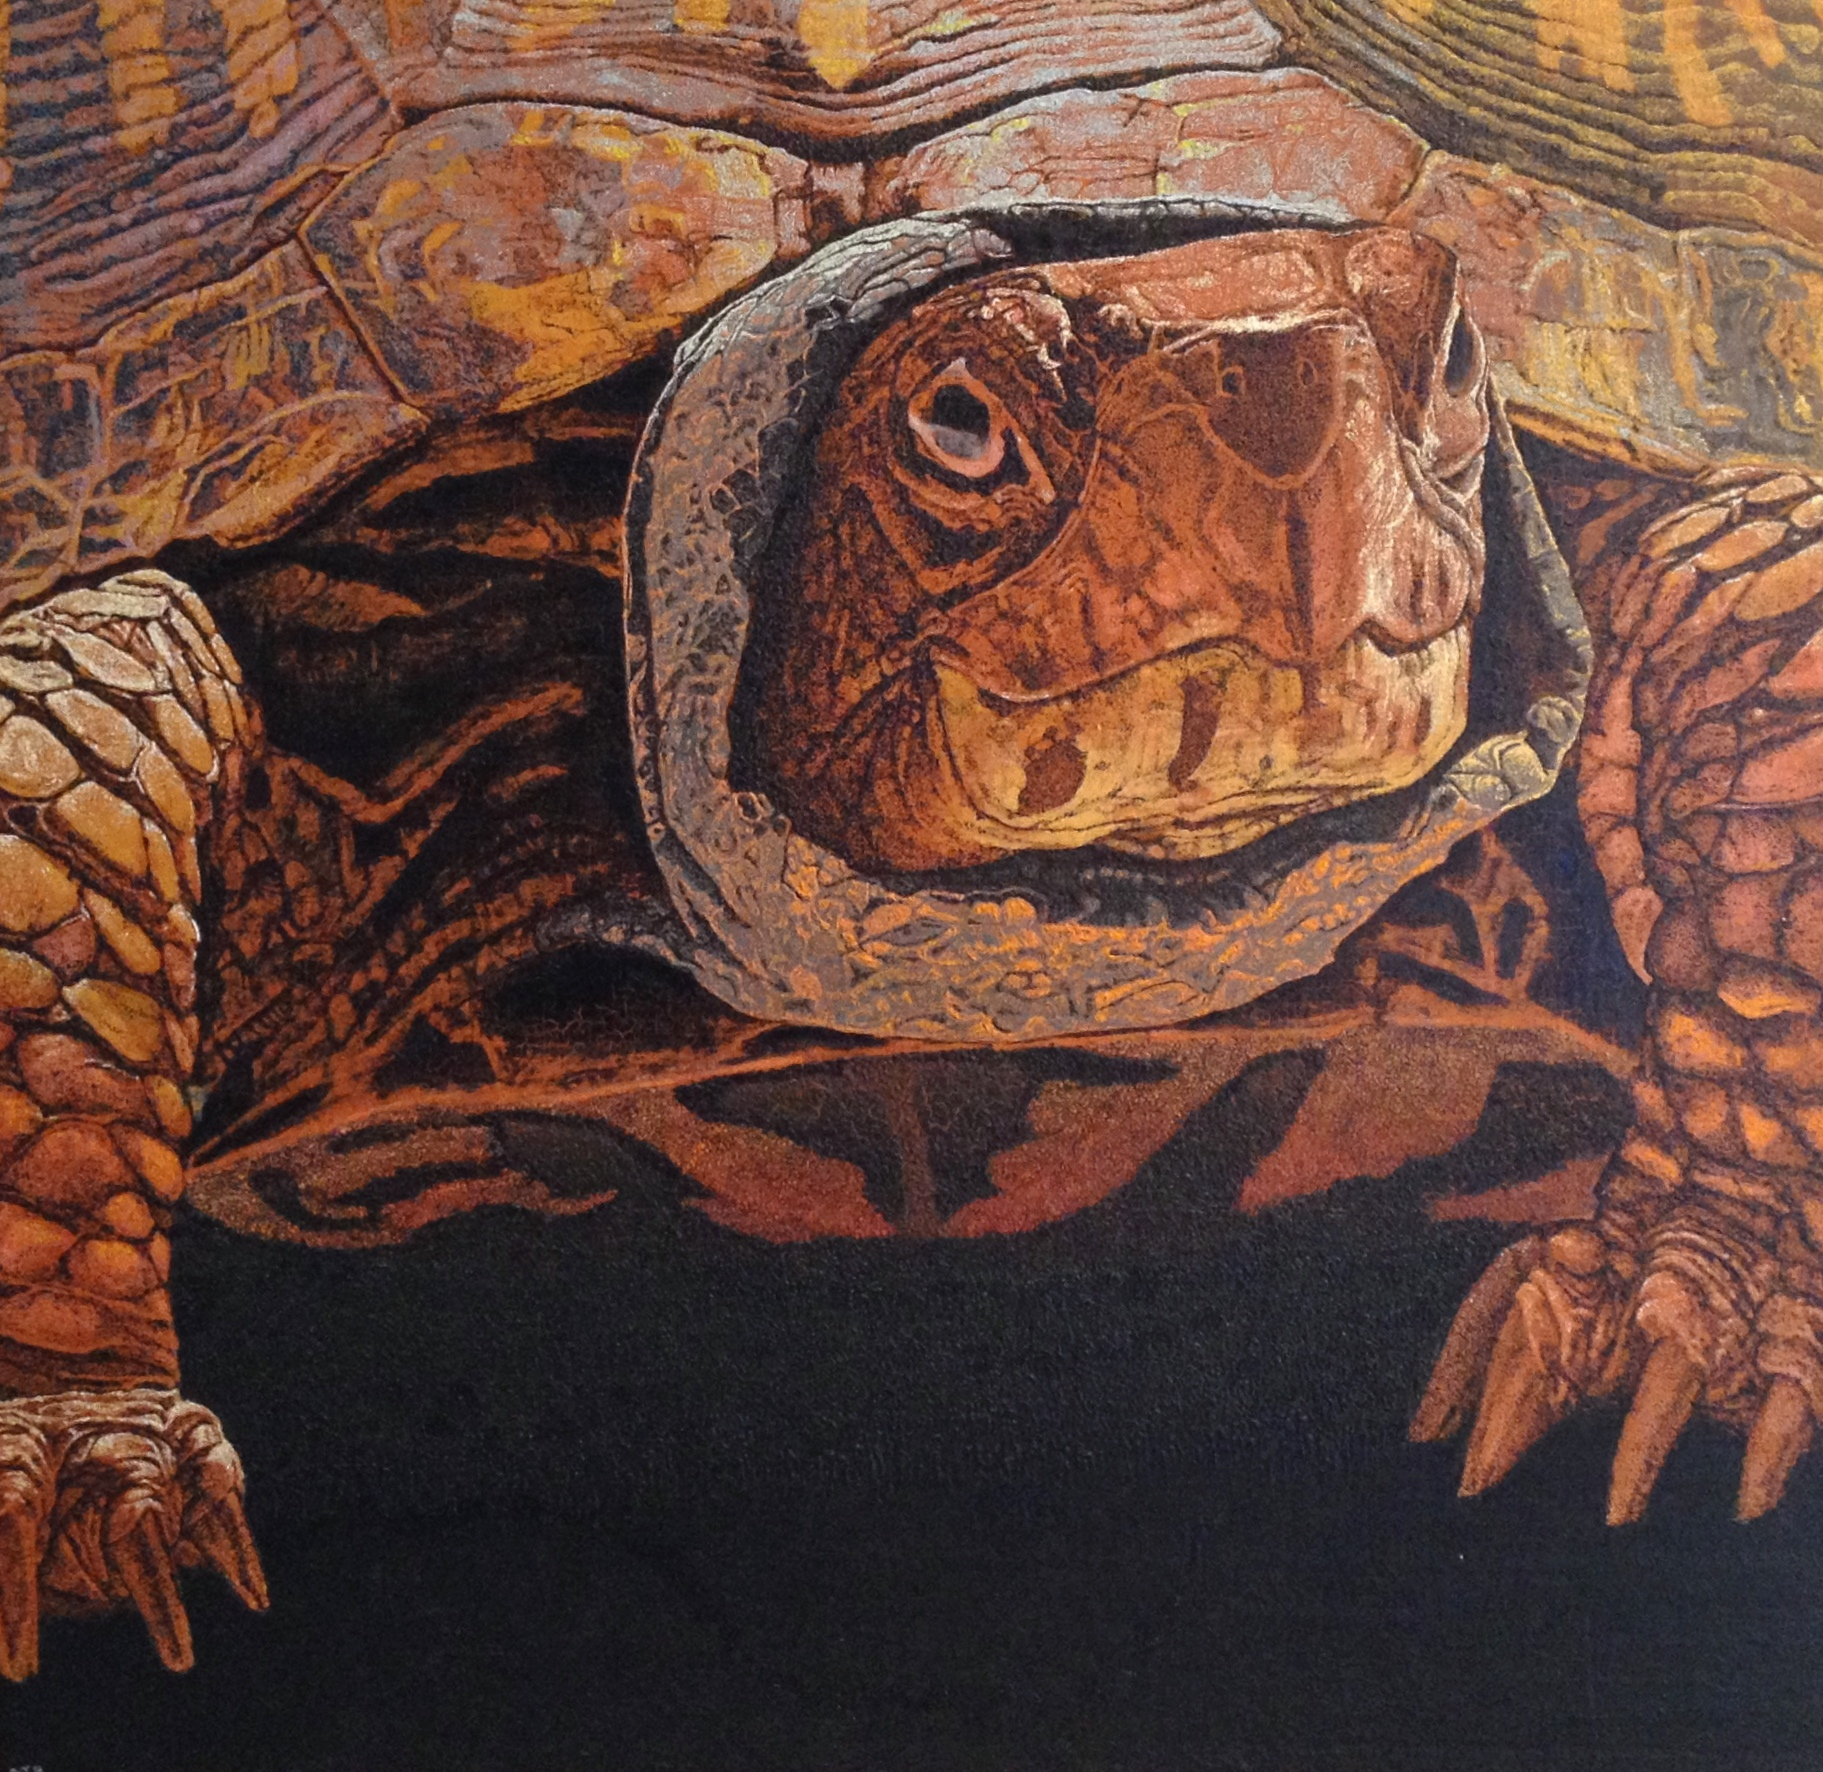 Tortoise by  DJ Hershman - Masterpiece Online